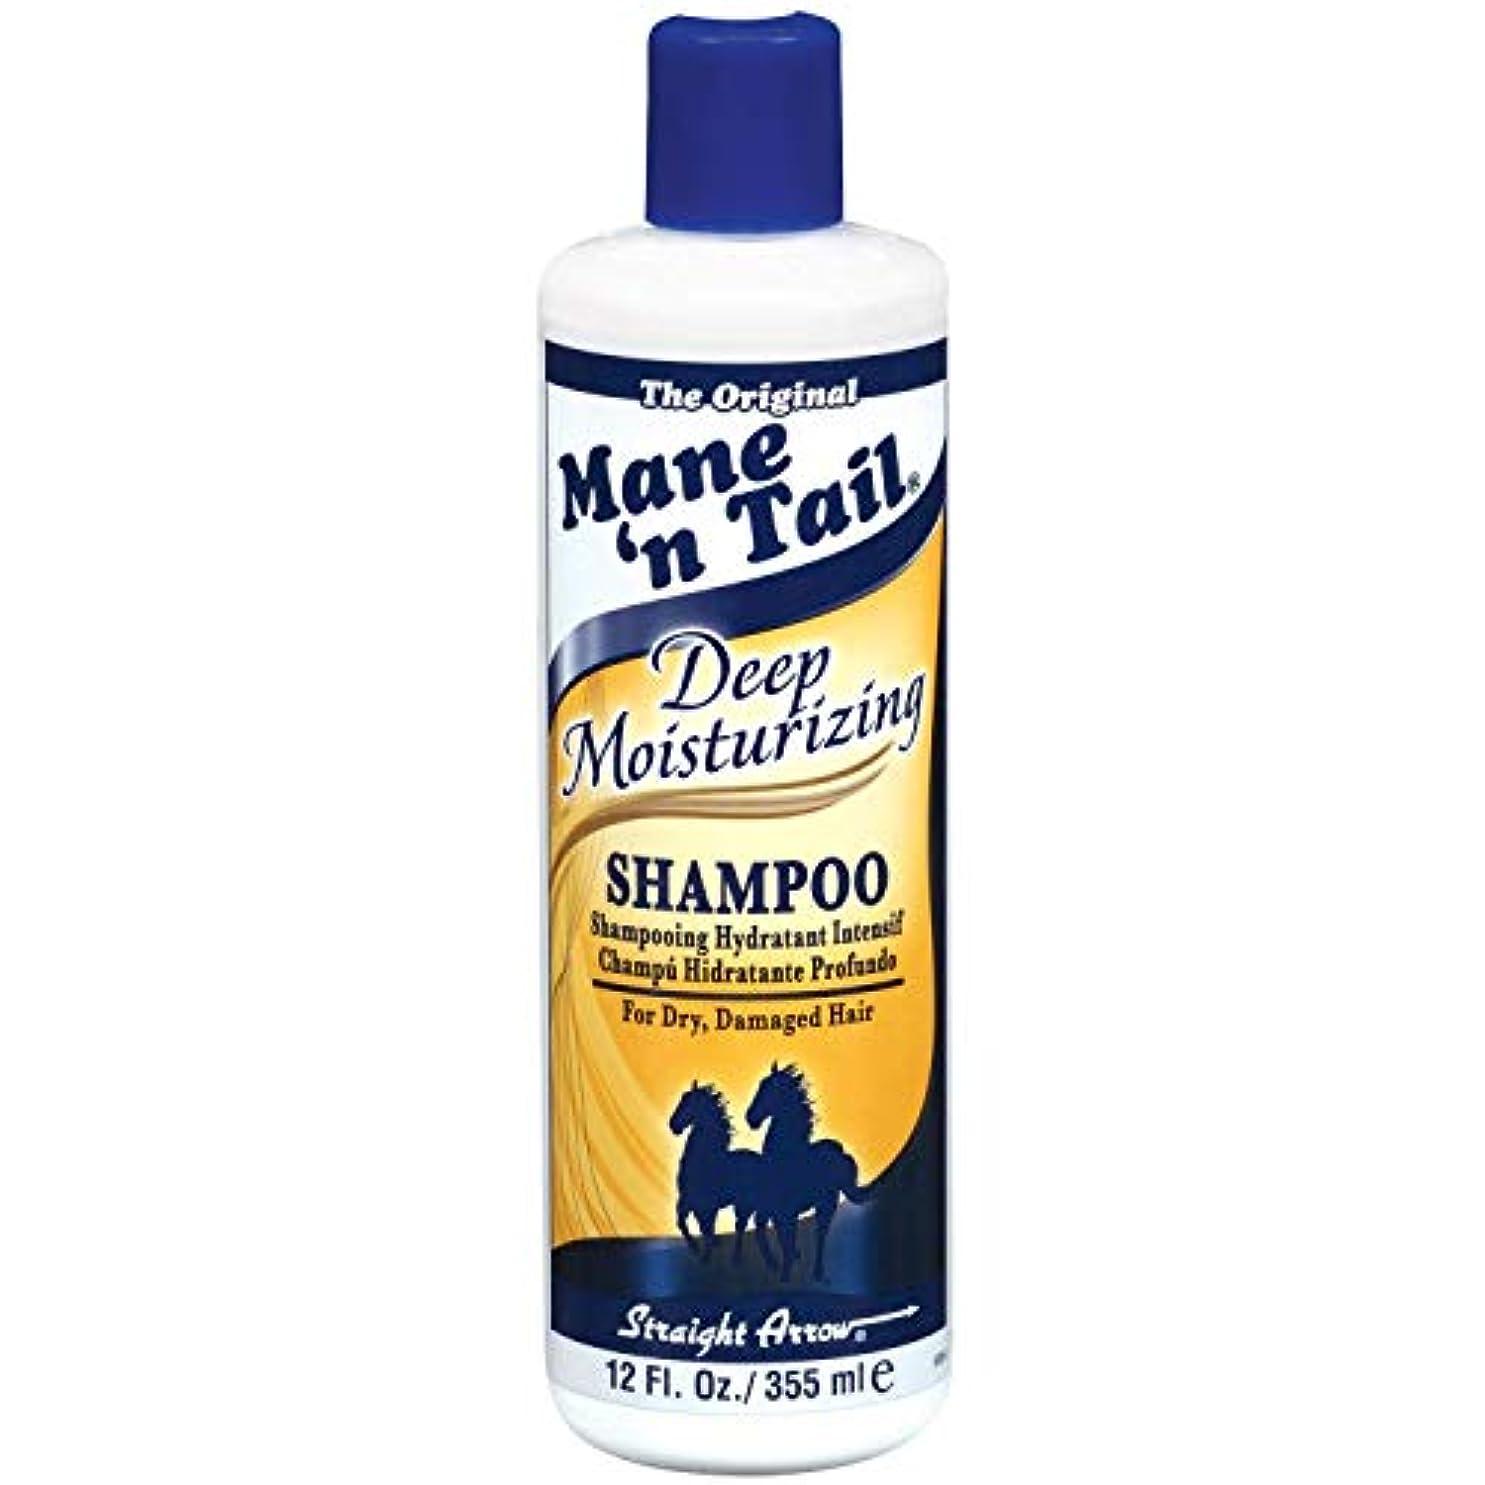 思い出させるアルネ従順(馬のたてがみ メインテイル ディープ モイスチャライジング 乾燥髪?傷んだ髪用 シャンプー)Mane'n Tail Deep Moisturizing Shampoo (並行輸入品) [並行輸入品]